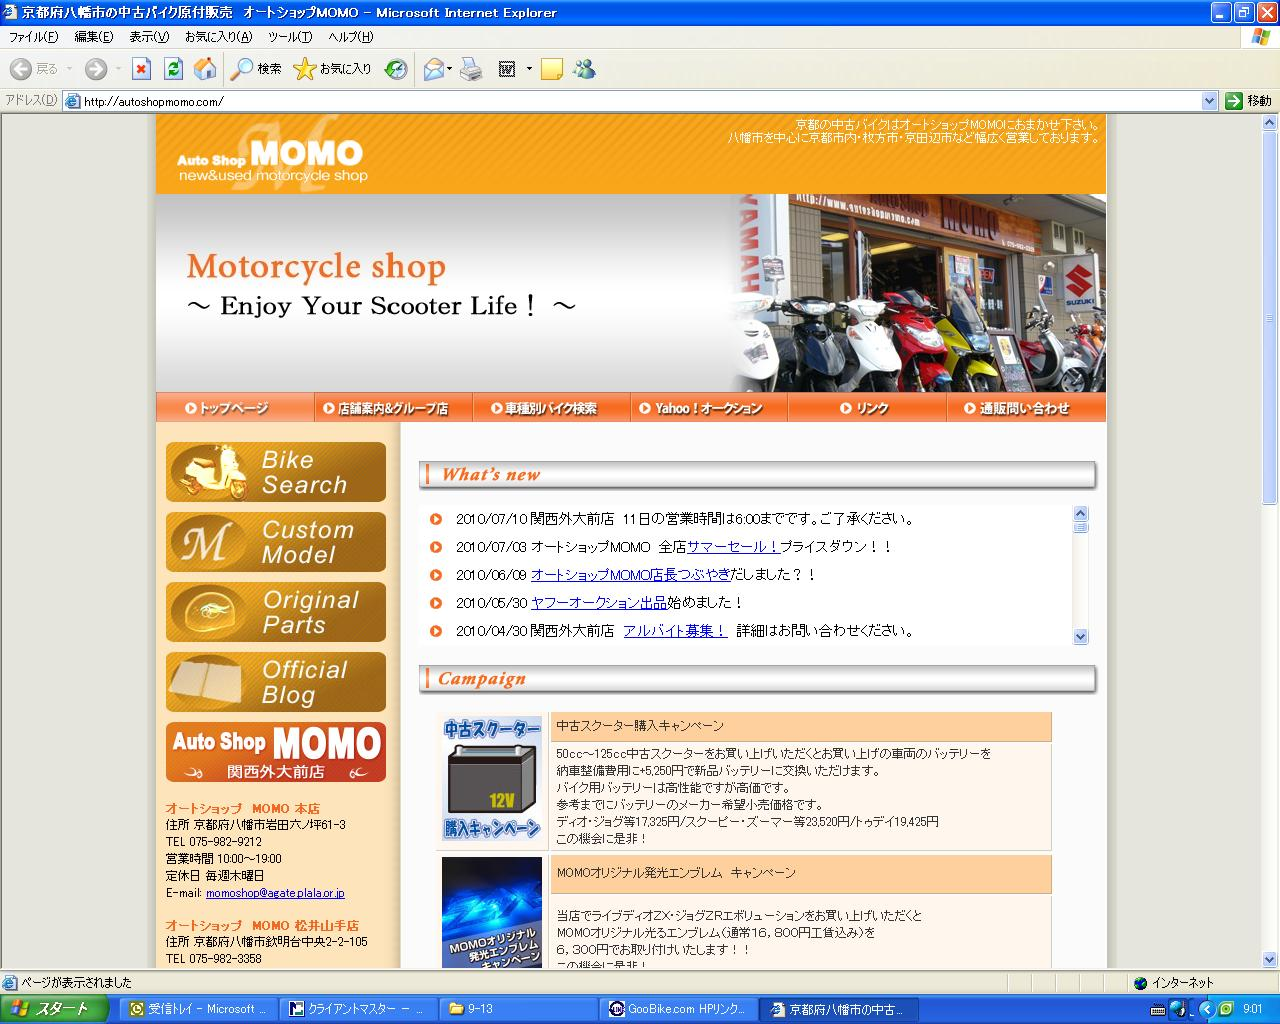 オートショップMOMO 関西外大前店